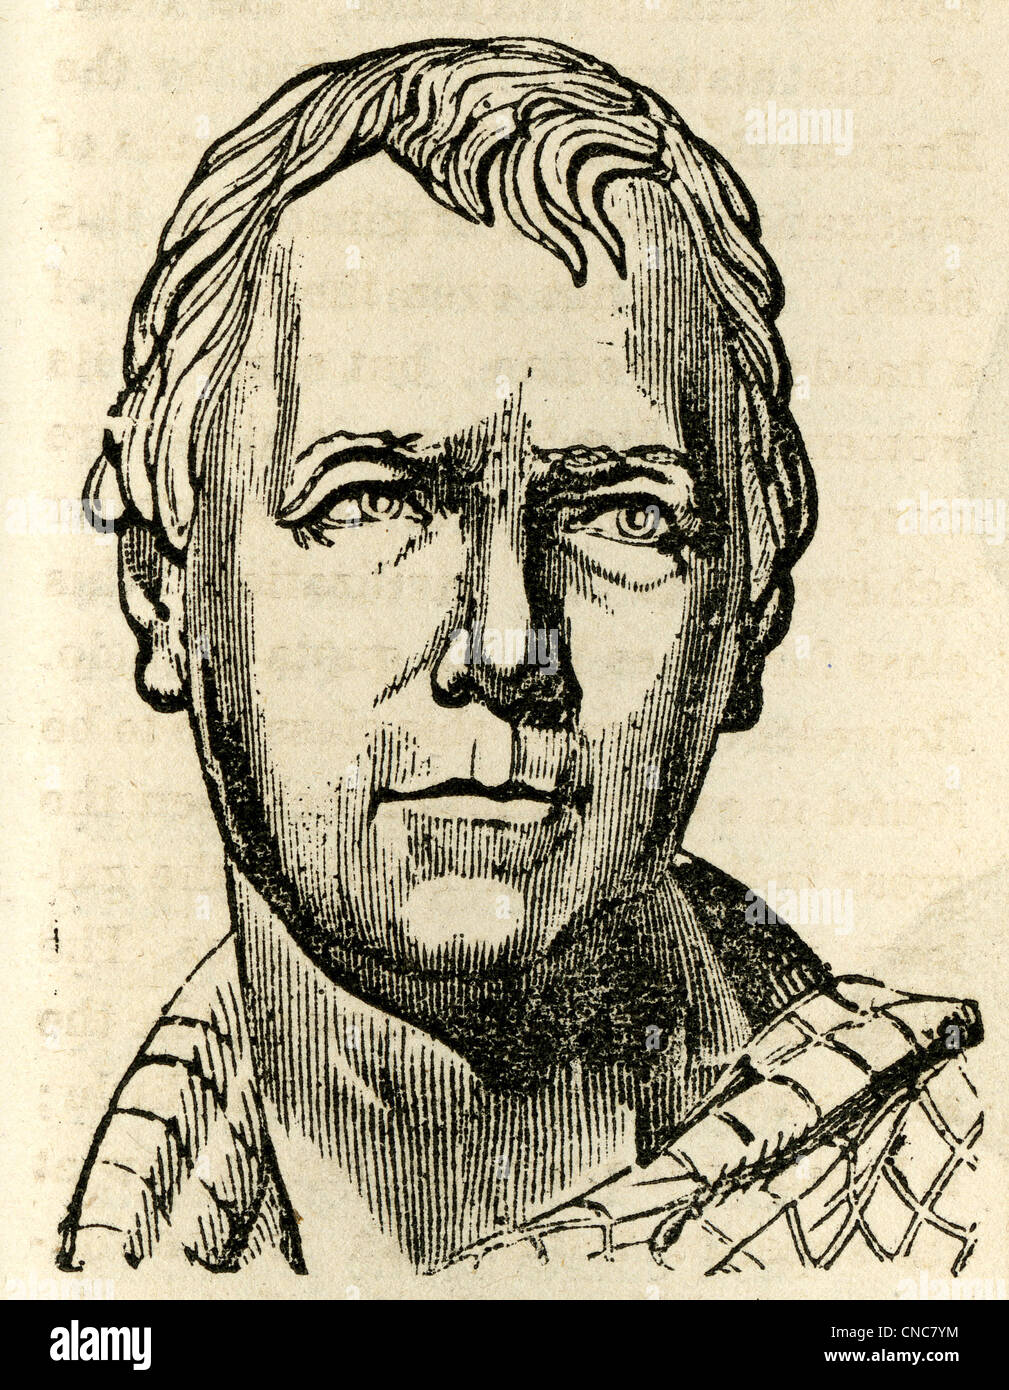 Simples 1871 xilogravura gravura de Sir Walter Scott. Imagens de Stock